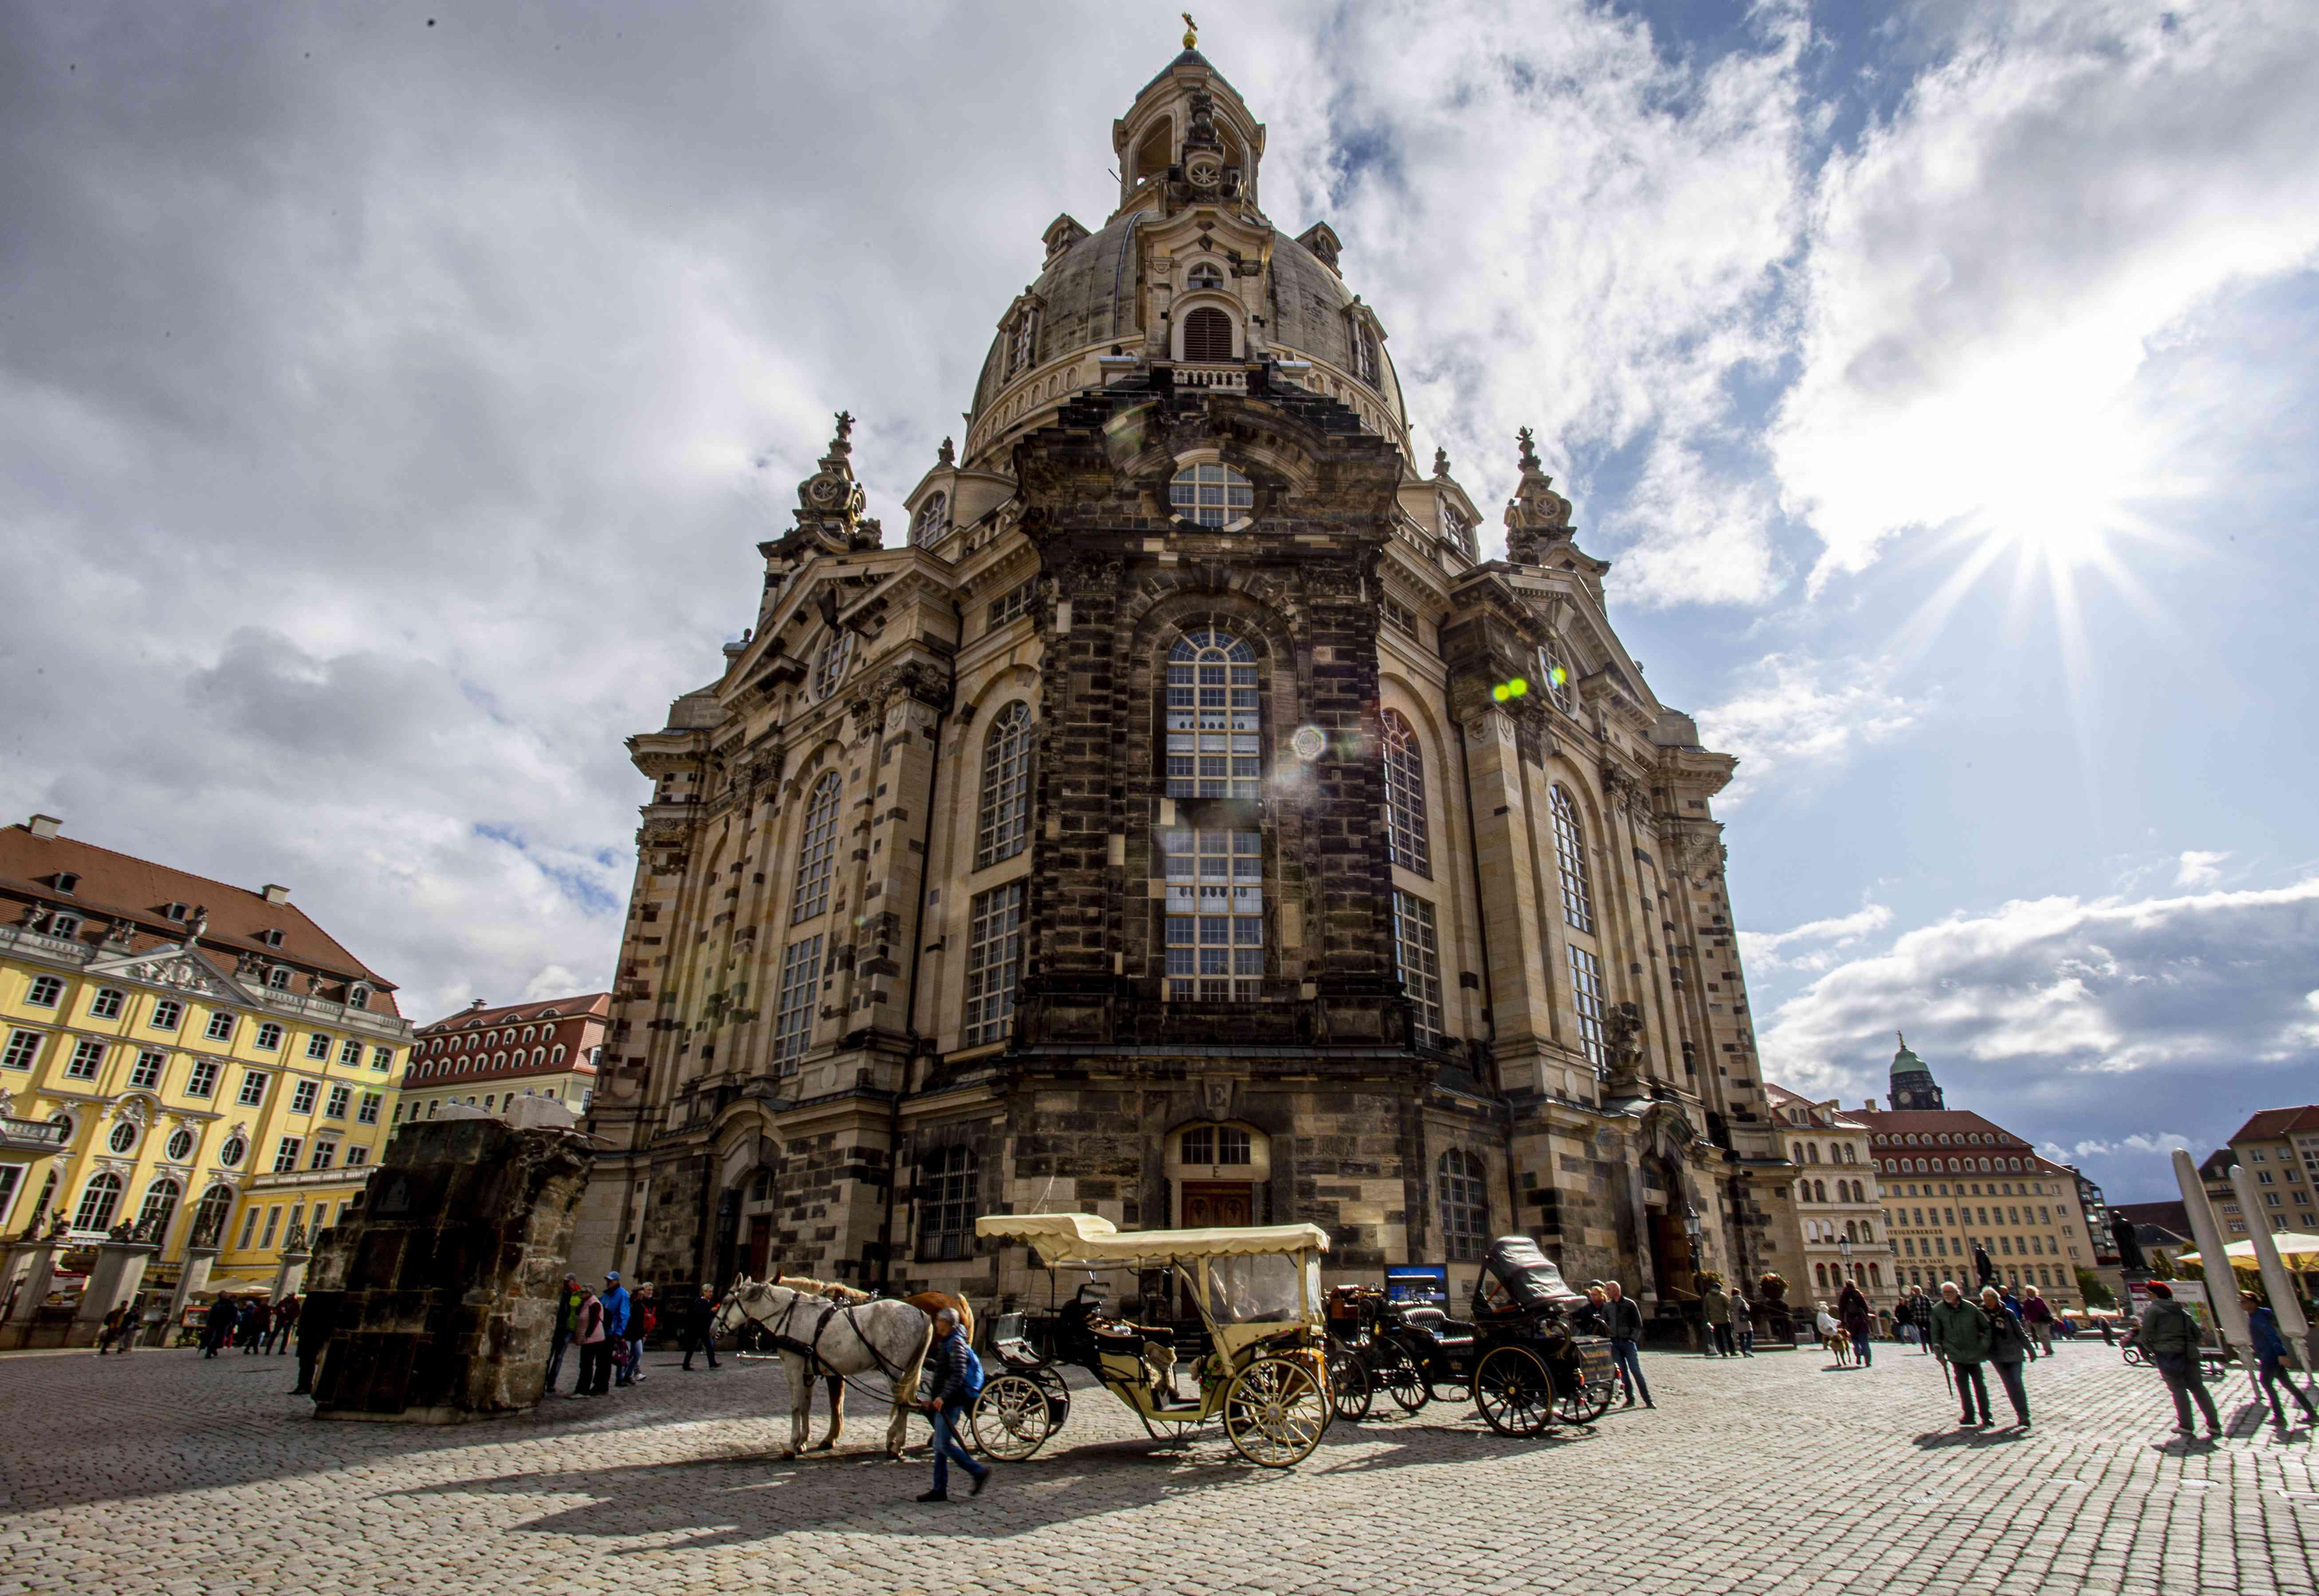 Un caballo y un carruaje por el exterior de la Iglesia de Nuestra Señora